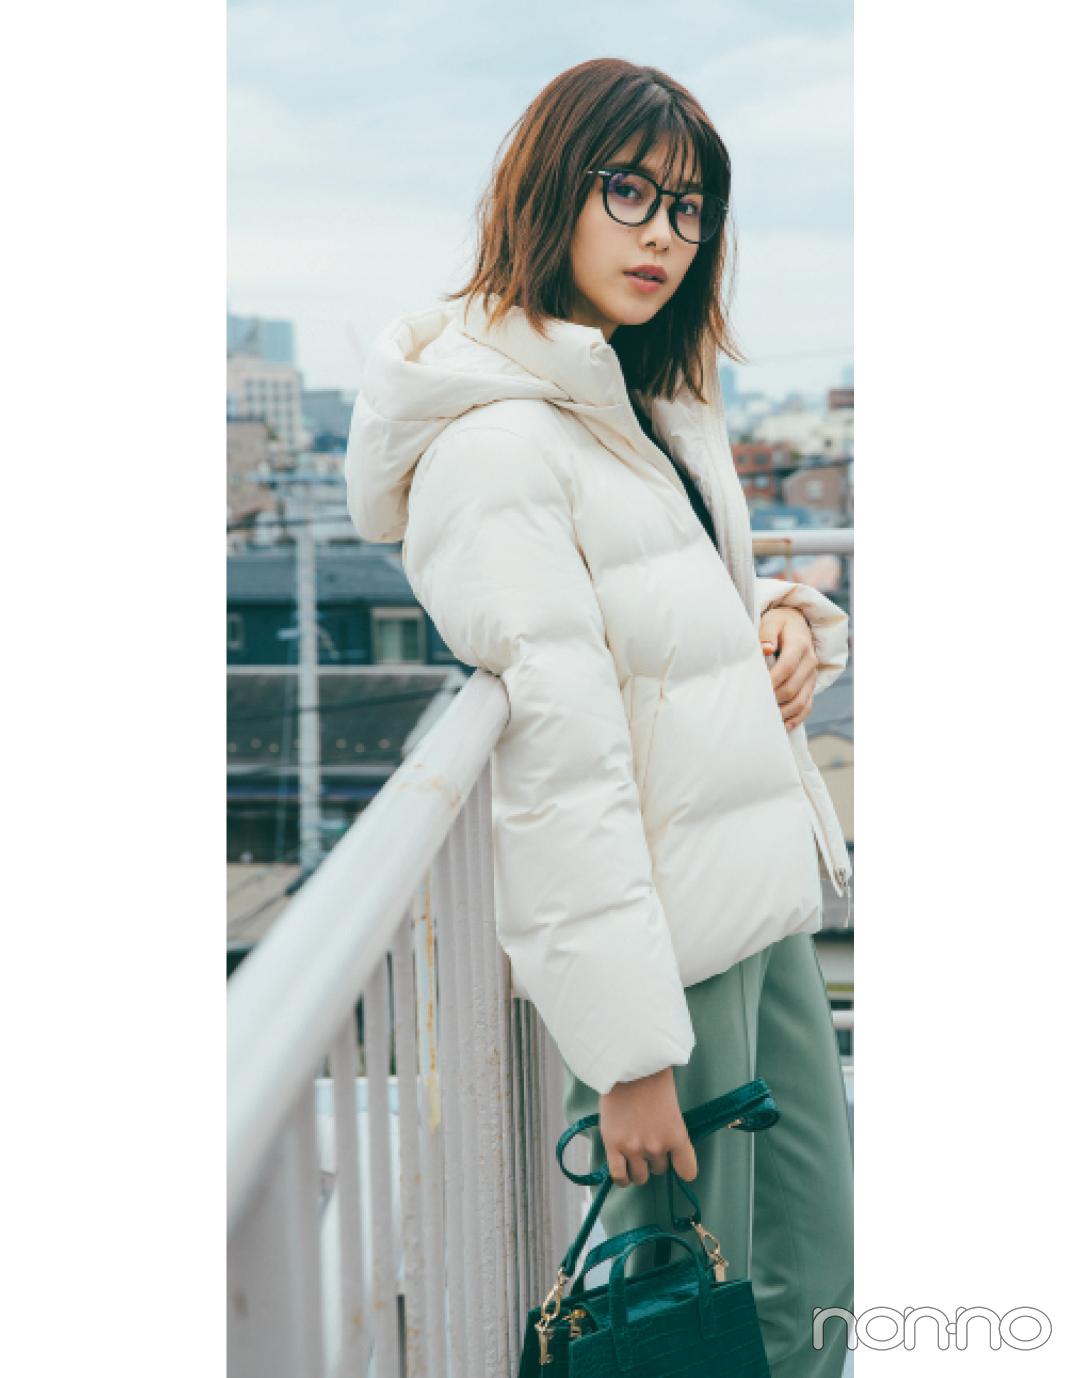 【ユニクロ&GU】今っぽくて暖かさもバッチリ♡ ユニクロの指名買いアウター_1_5